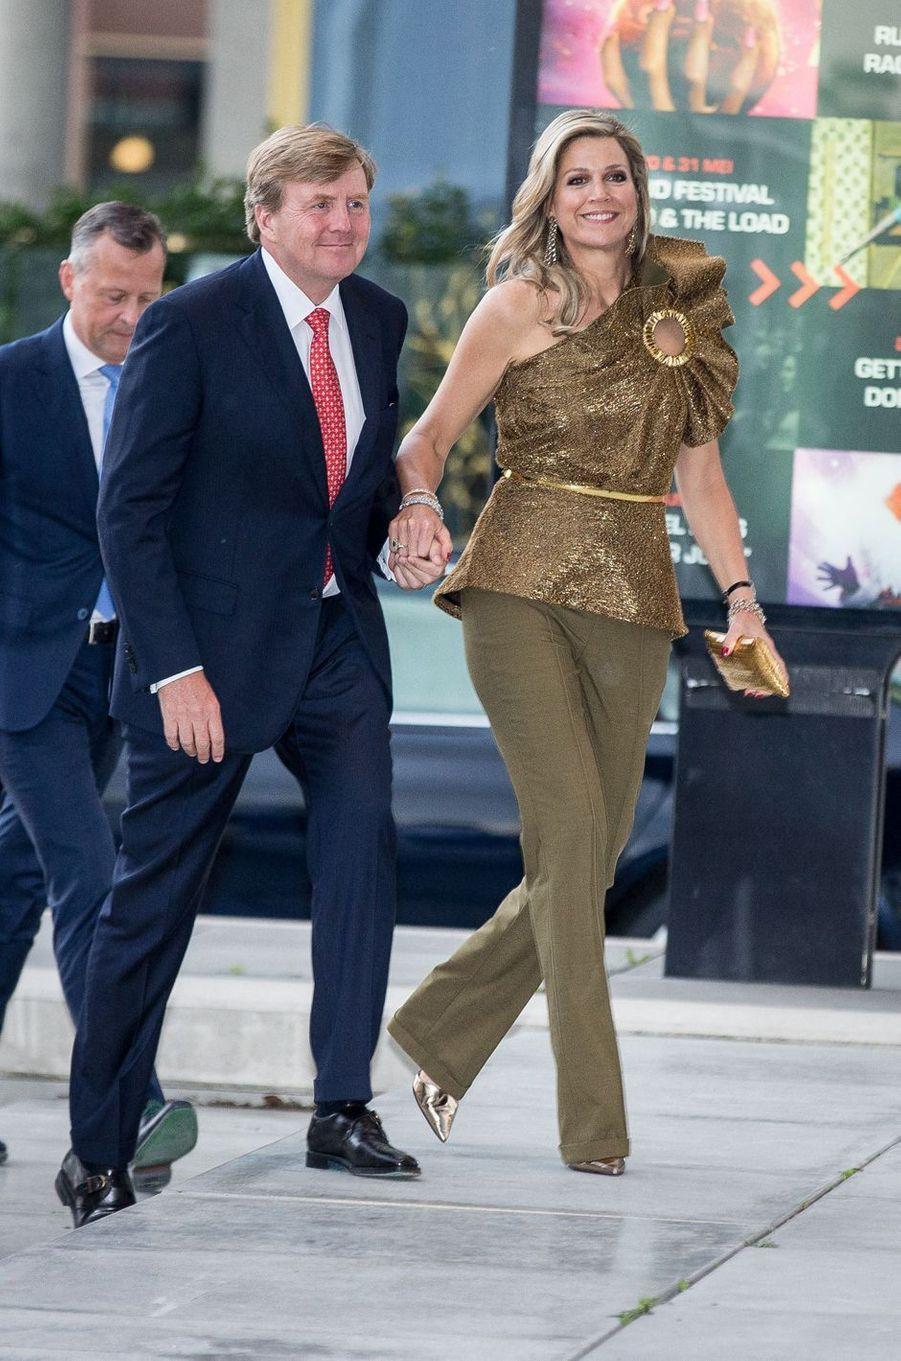 La reine Maxima et le roi Willem-Alexander des Pays-Bas à Amsterdam, le 29 mai 2019